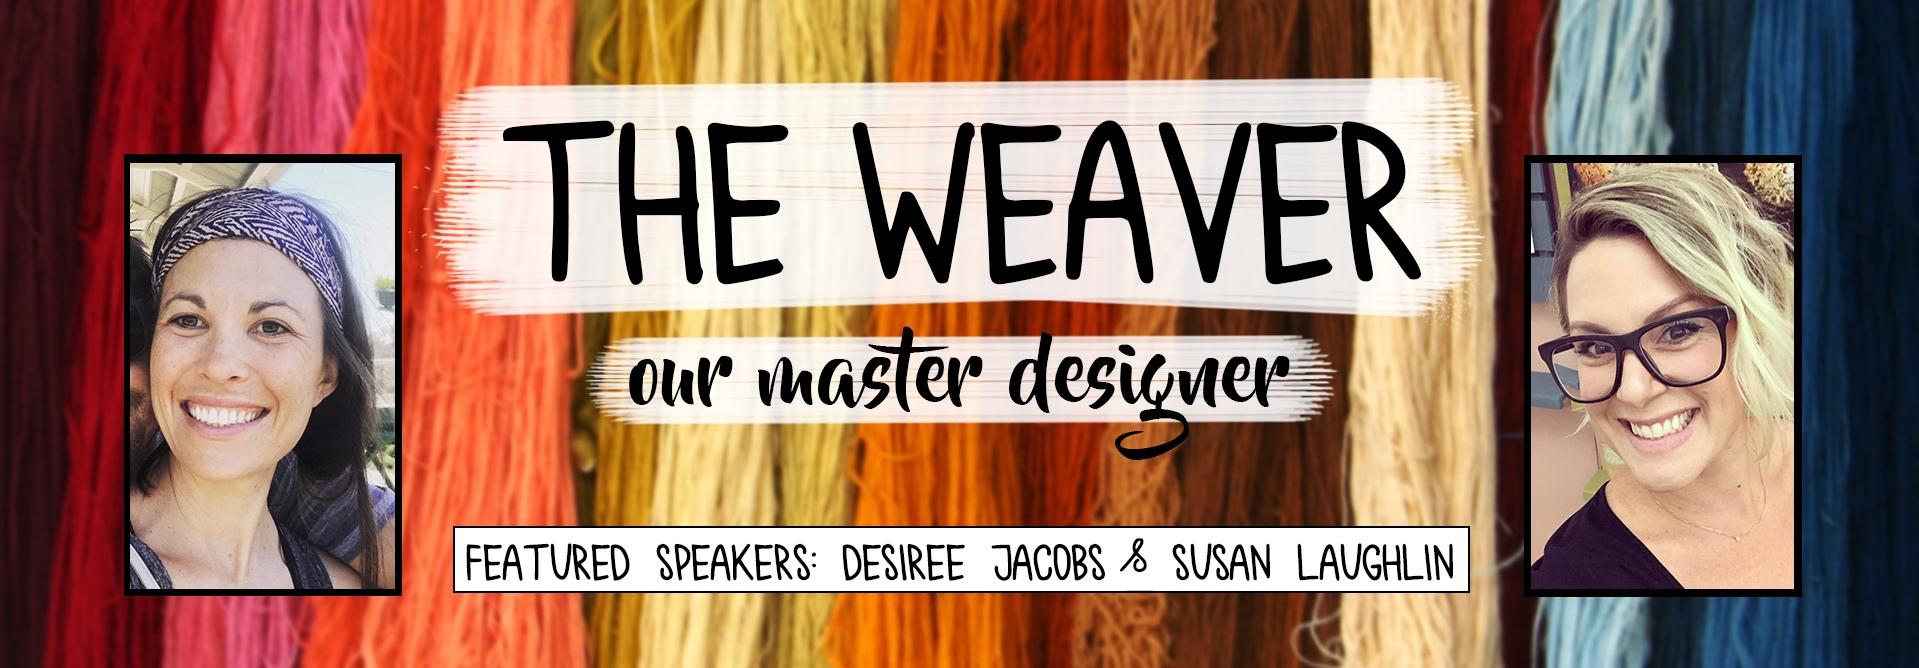 The Weaver logo